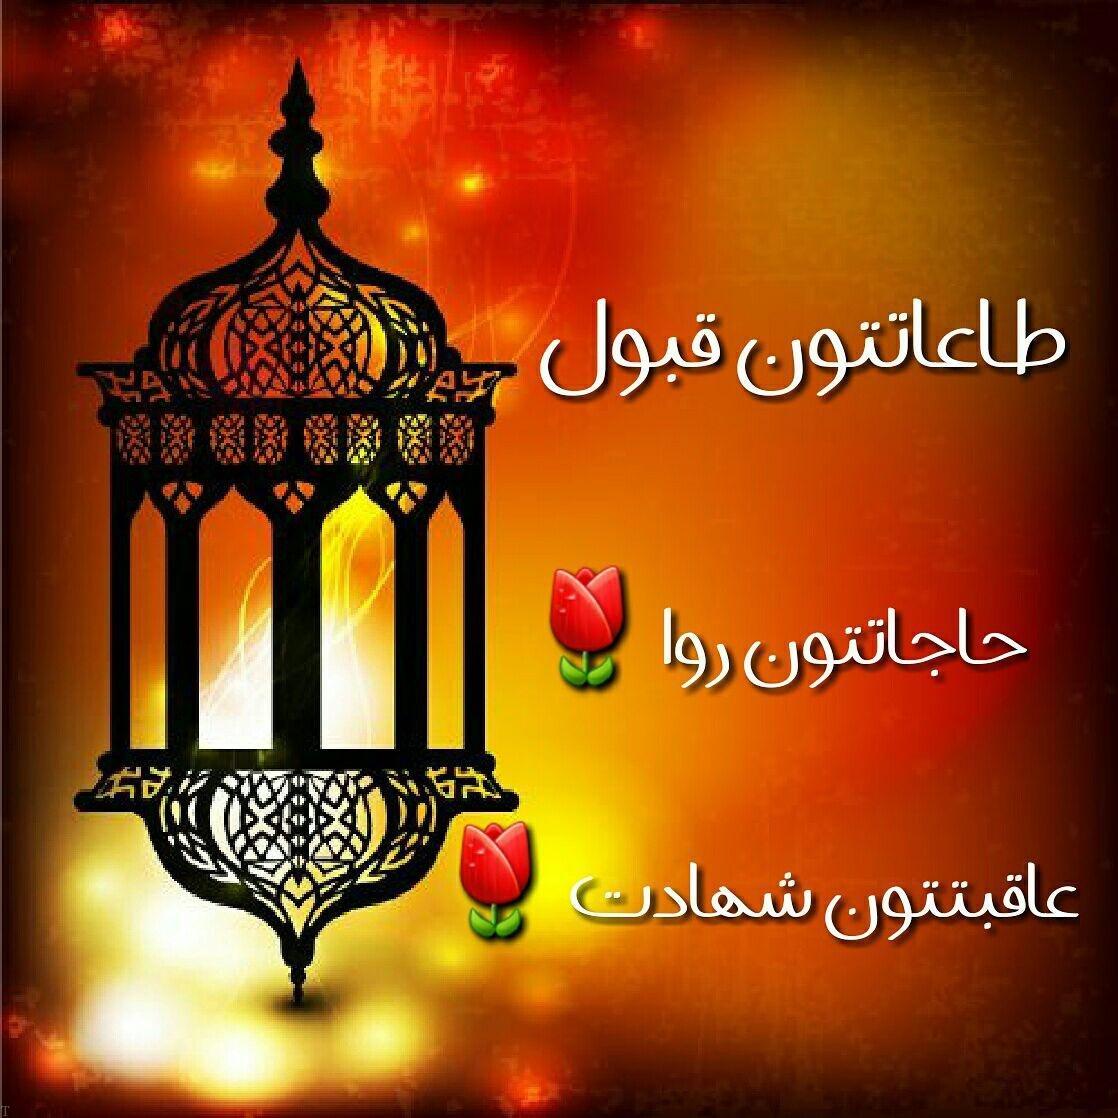 عکس و متن زیبا و ادبی برای التماس دعا در شب قدر (99)